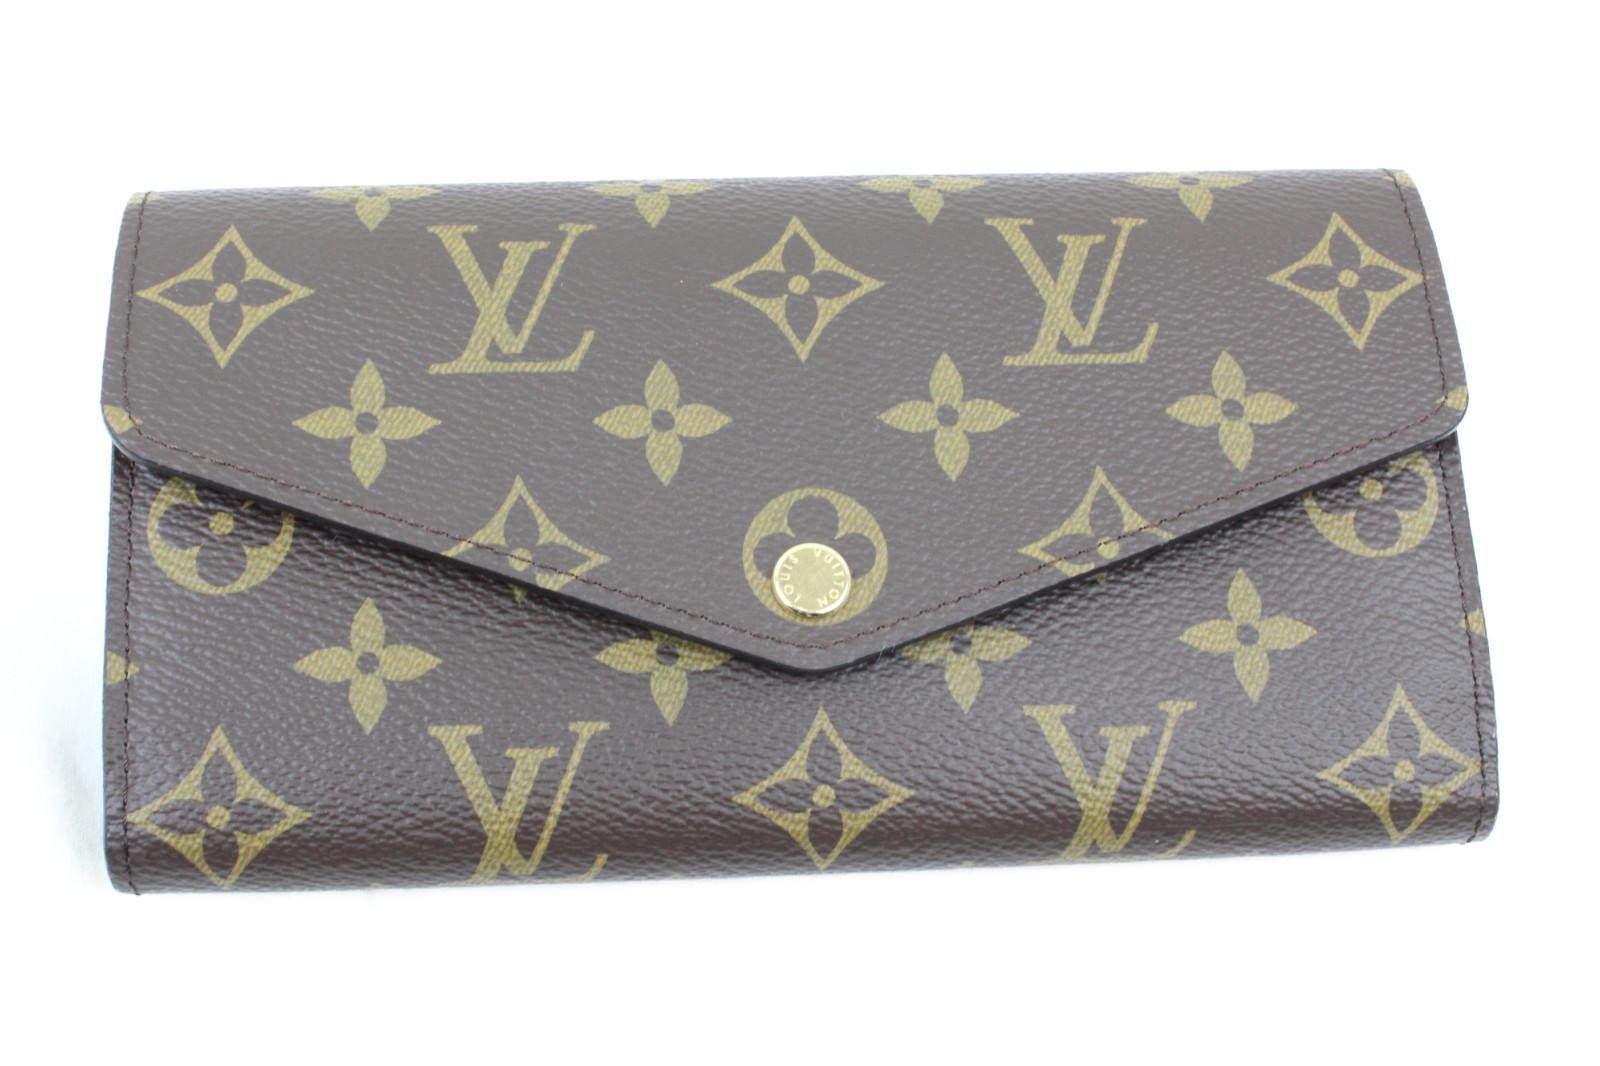 【箱、布袋有り】LOUIS VUITTON ルイヴィトン M62234 ポルトフォイユ・サラ モノグラム 二つ折り長財布 レディース 女性 ブランド プレゼント ギフト 【中古】